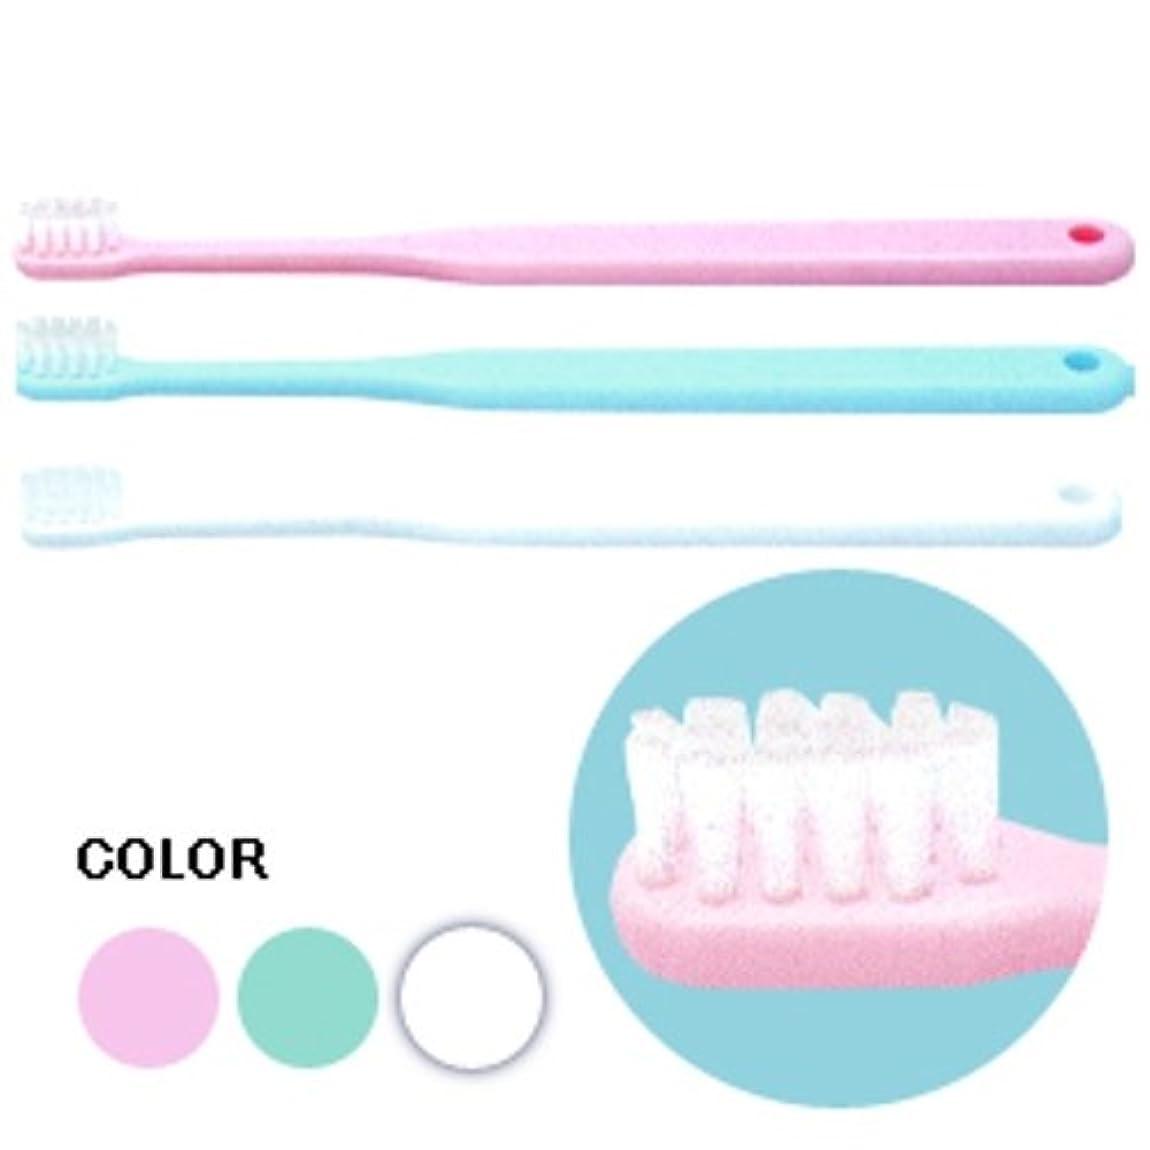 ノイズ目的しばしばCiメディカル 歯ブラシ Ci602 仕上げ磨き用 × 3本 アソート